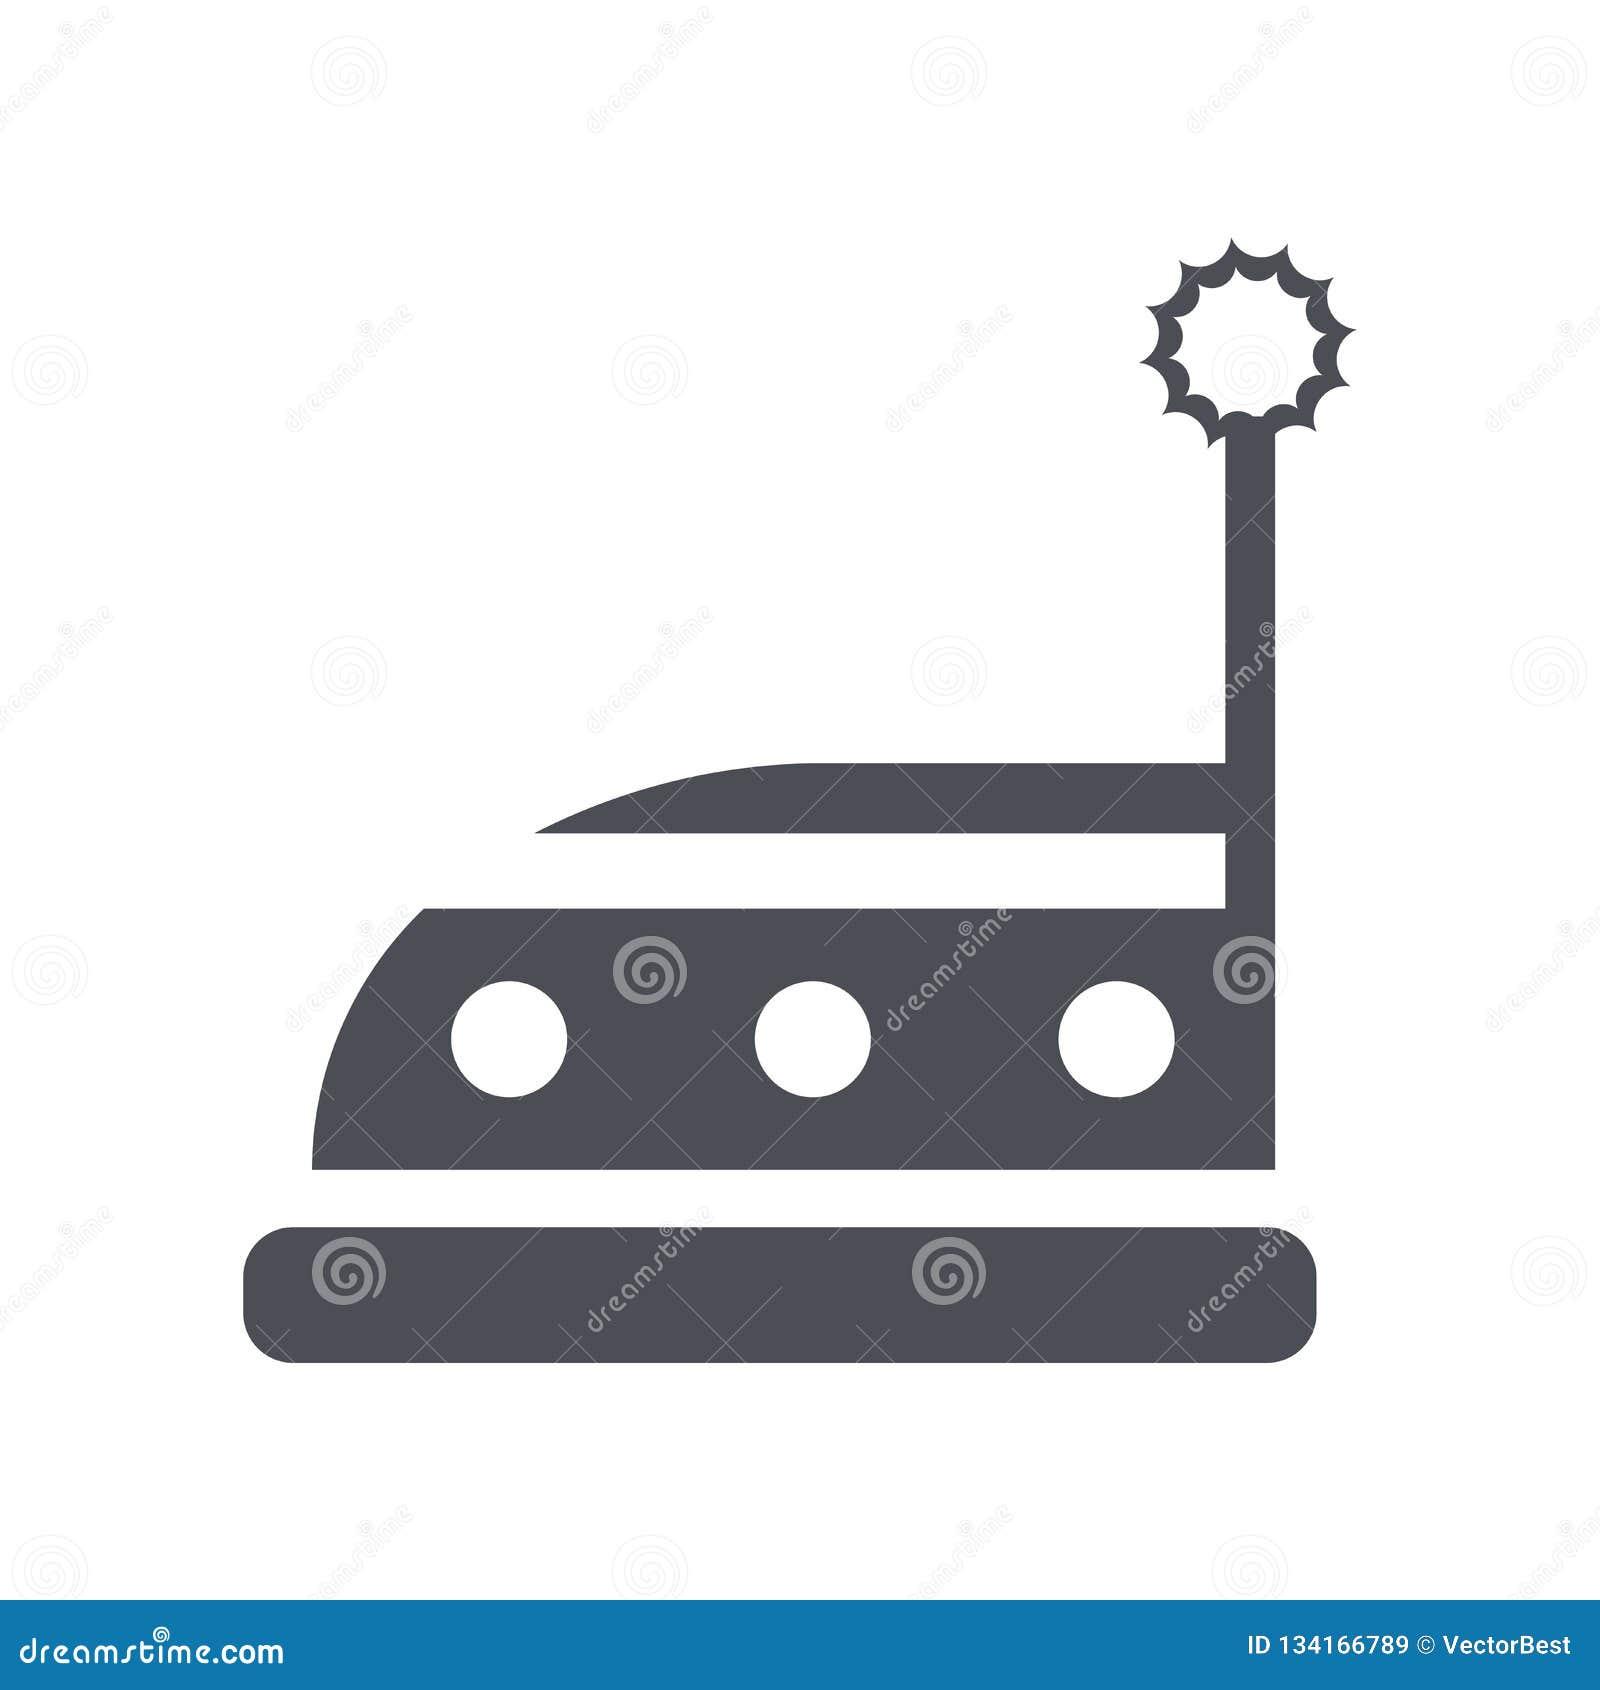 Autoskooterikonenvektorzeichen und -symbol lokalisiert auf weißem Hintergrund, Autoskooterlogokonzept